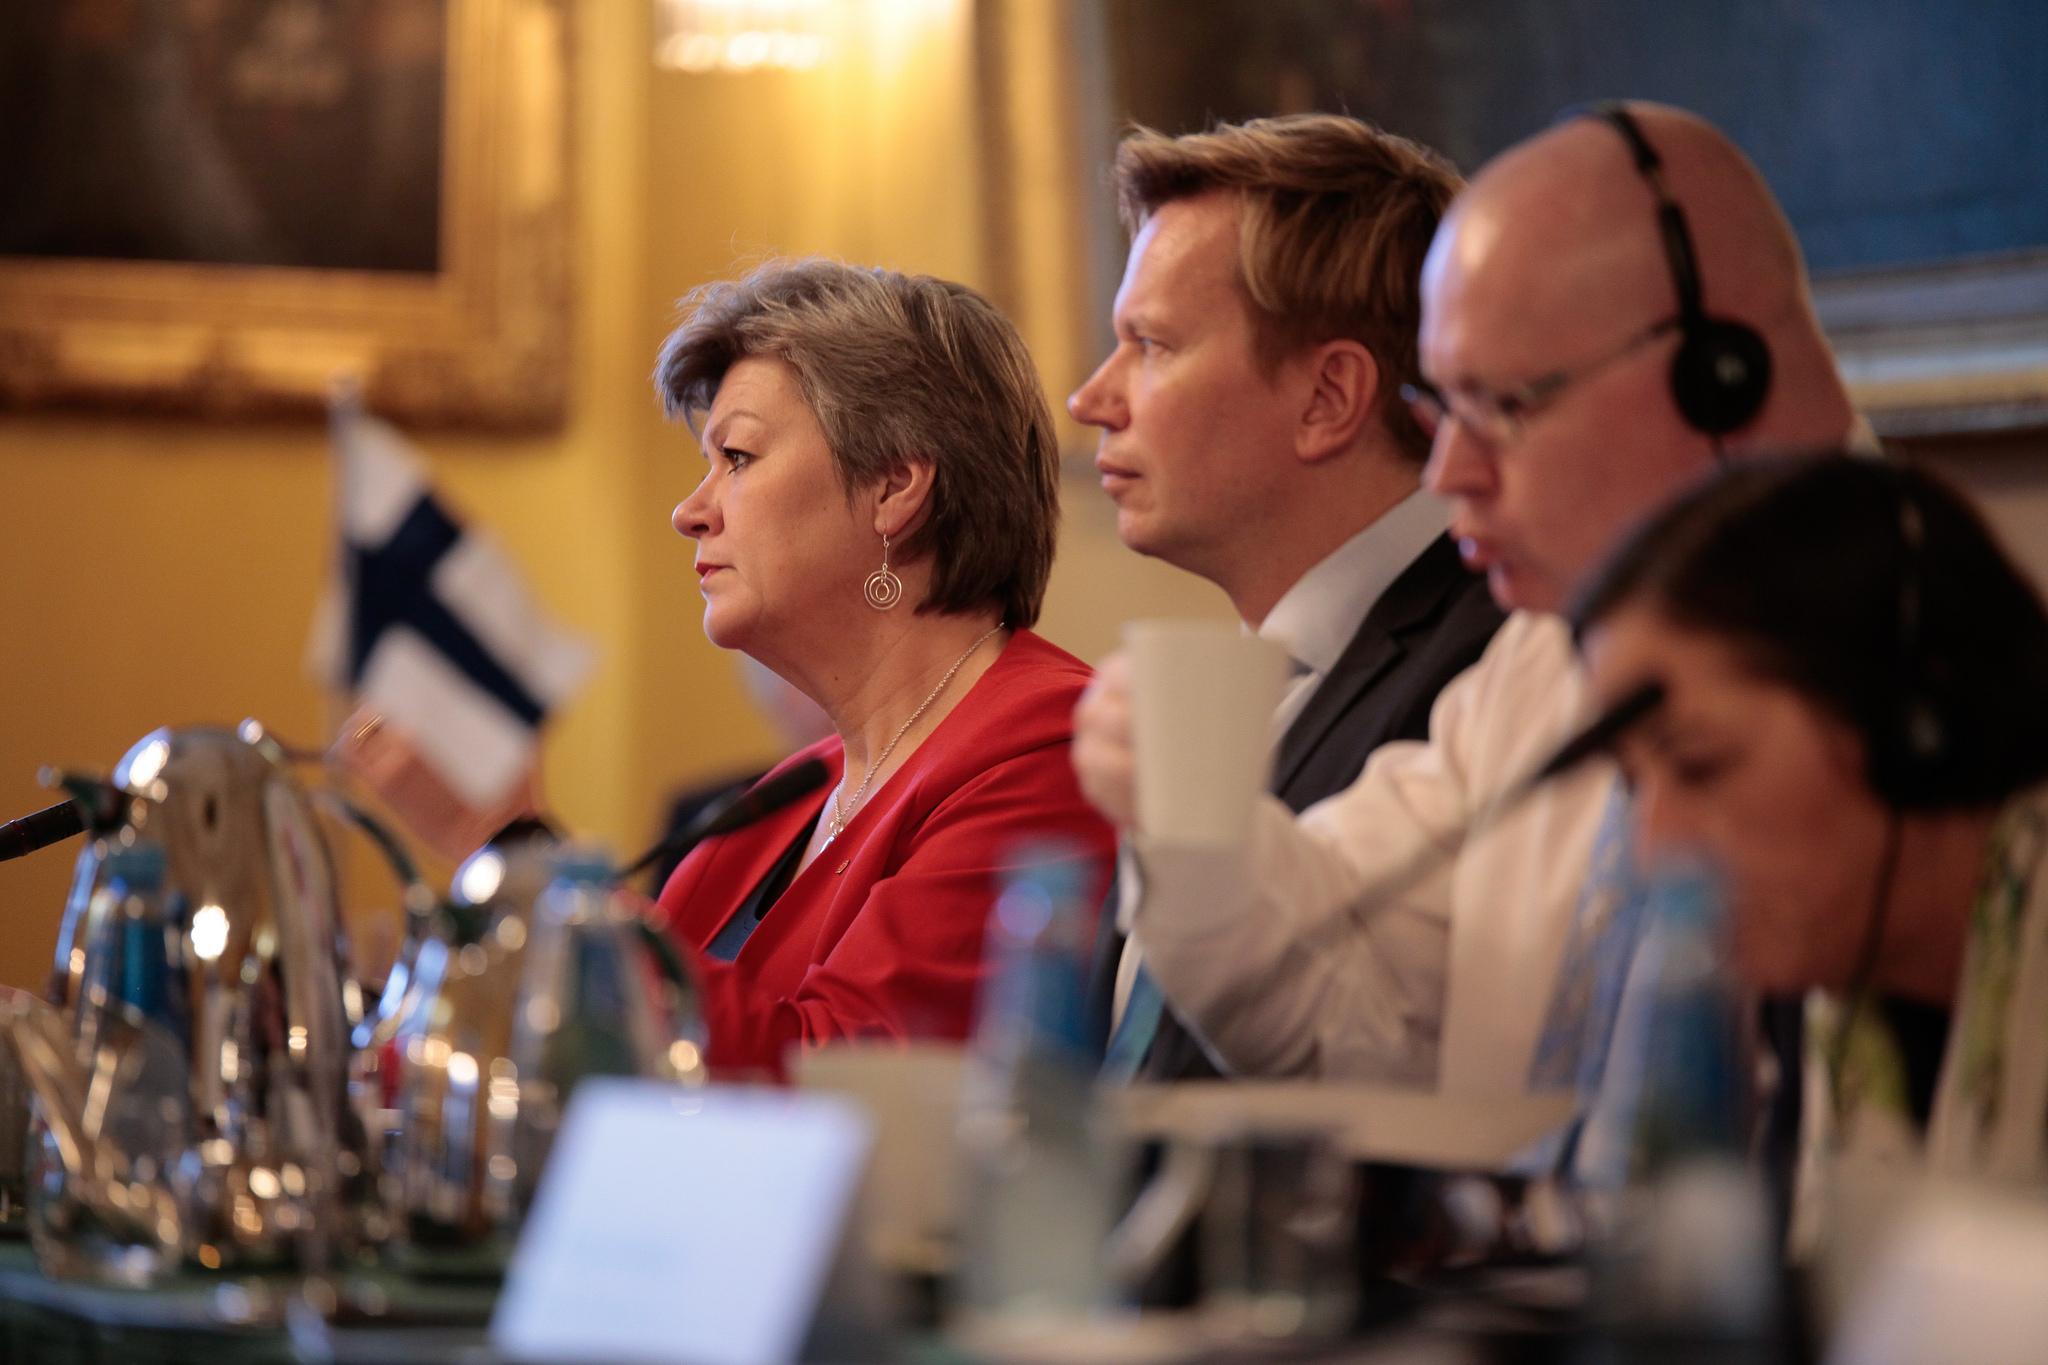 Foto: Håkon Jacobsen